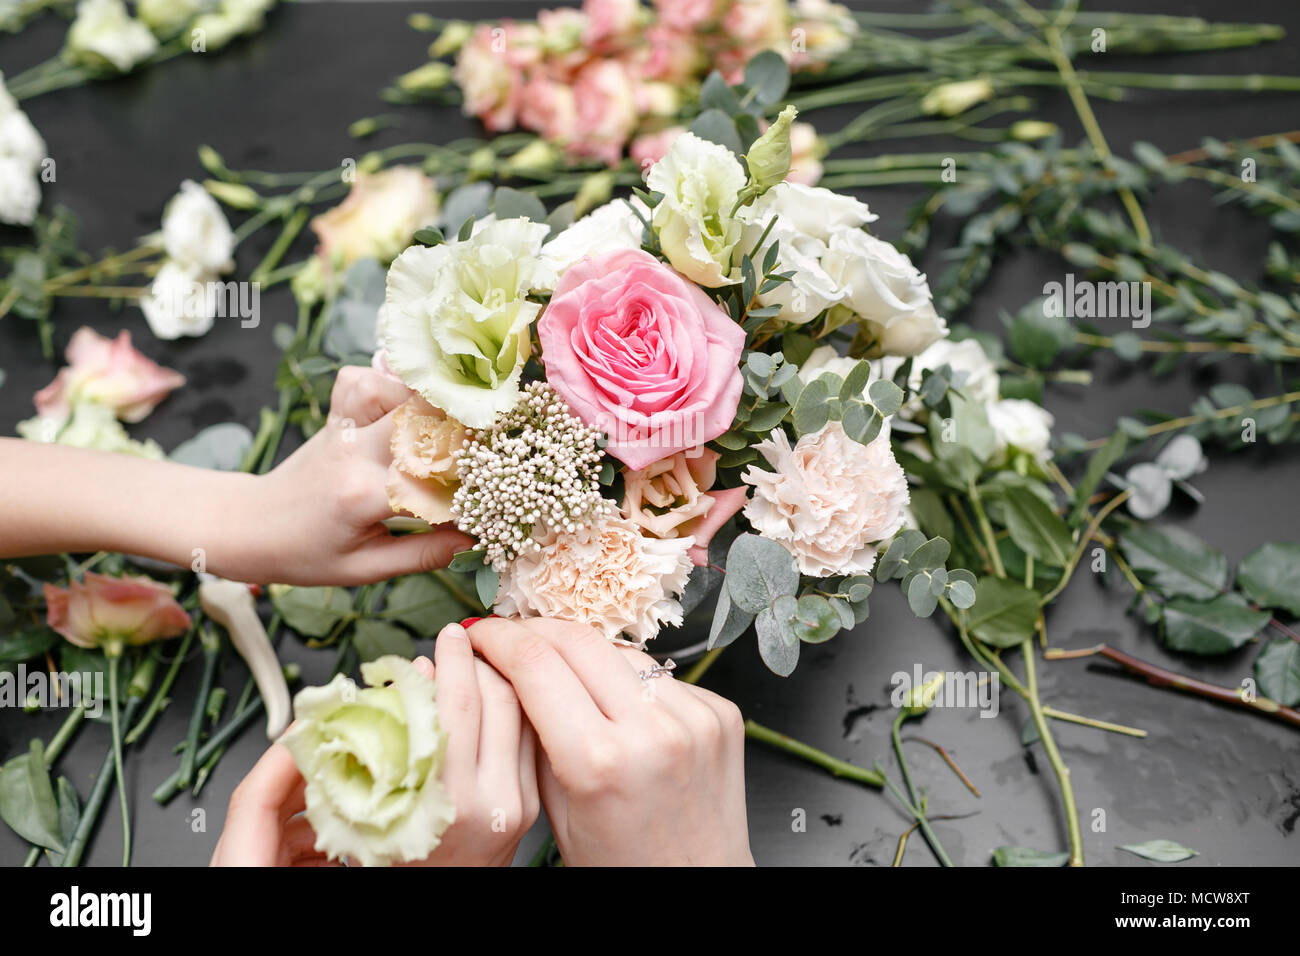 Master Class auf dem Bilden der Blumensträuße für Kinder. Spring Bouquet in Metall dekorativen Blumentopf. Lernen Blumen arrangieren, wunderschöne Blumensträuße mit ihren eigenen Händen. Stockbild